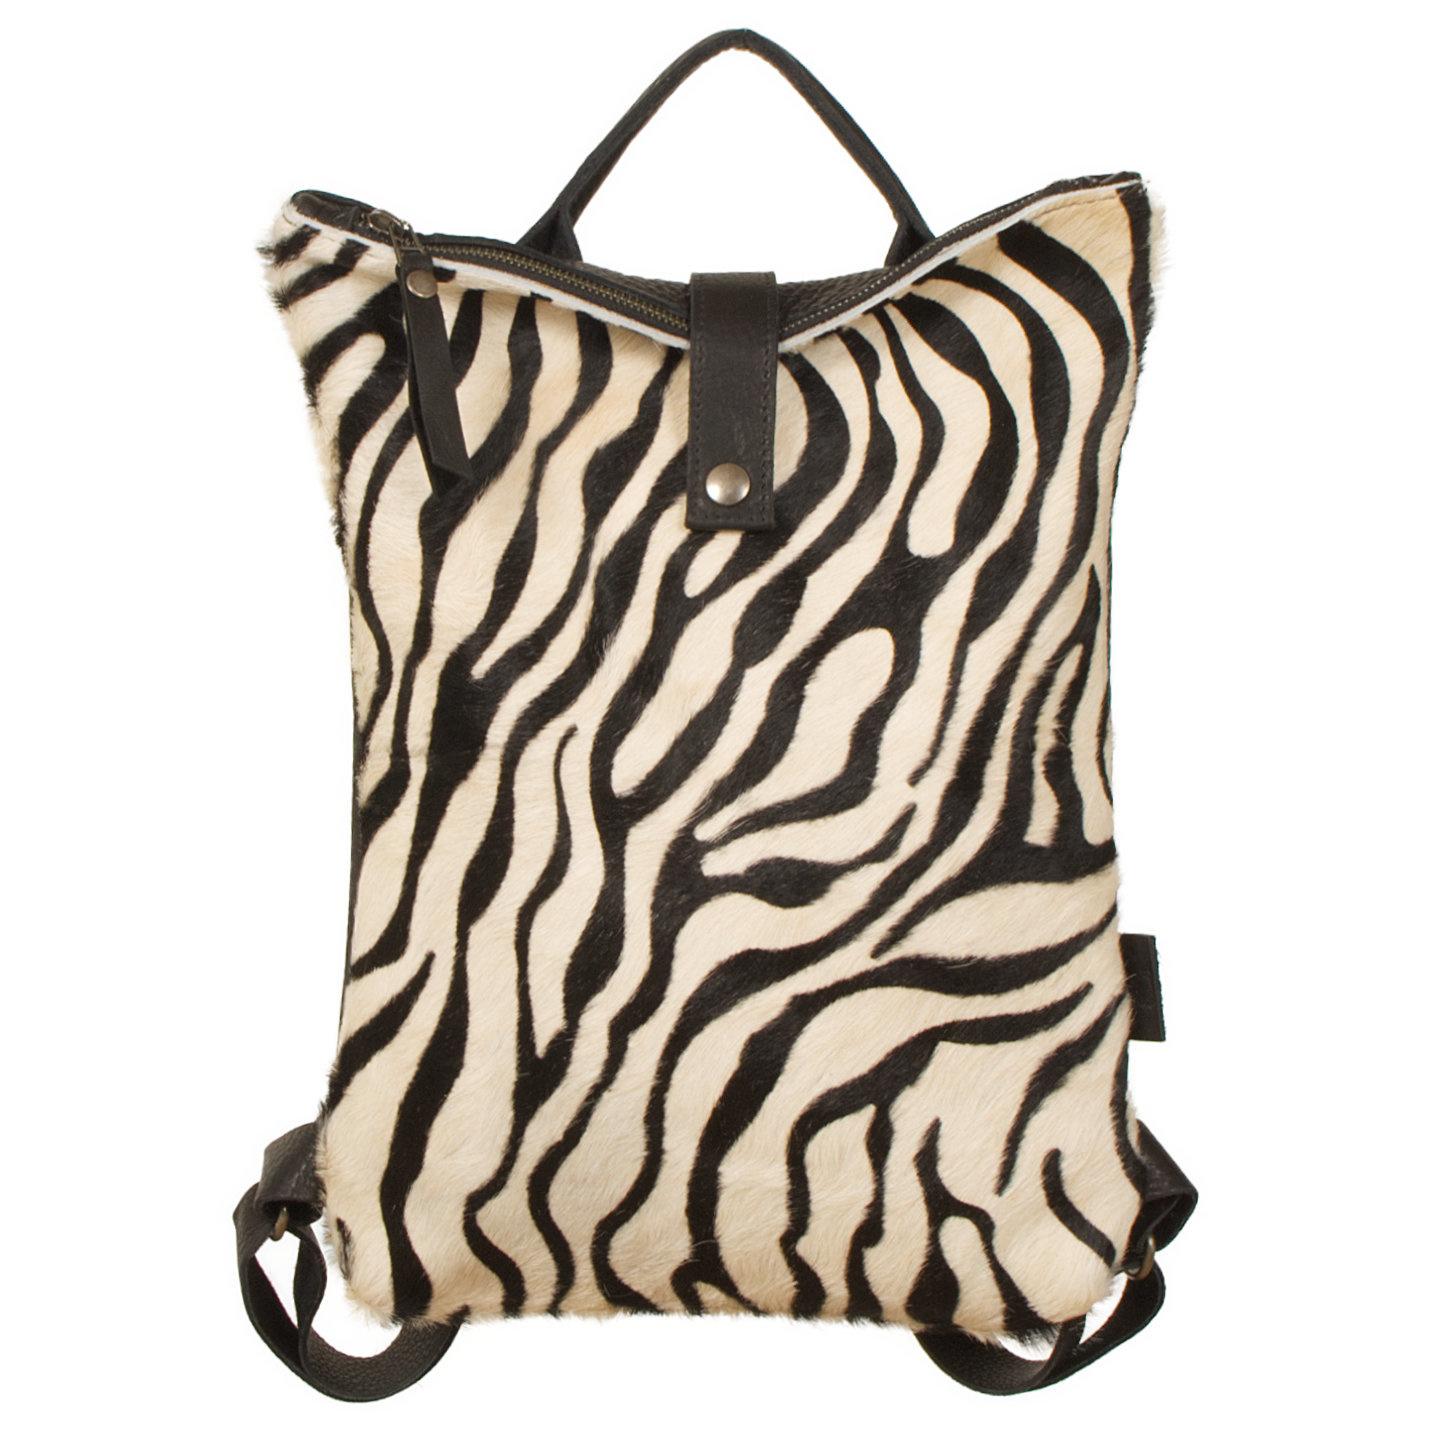 testVan Buren Rugtas Sandra - Zwart/zebra print | Leren koeienhuid rugzak